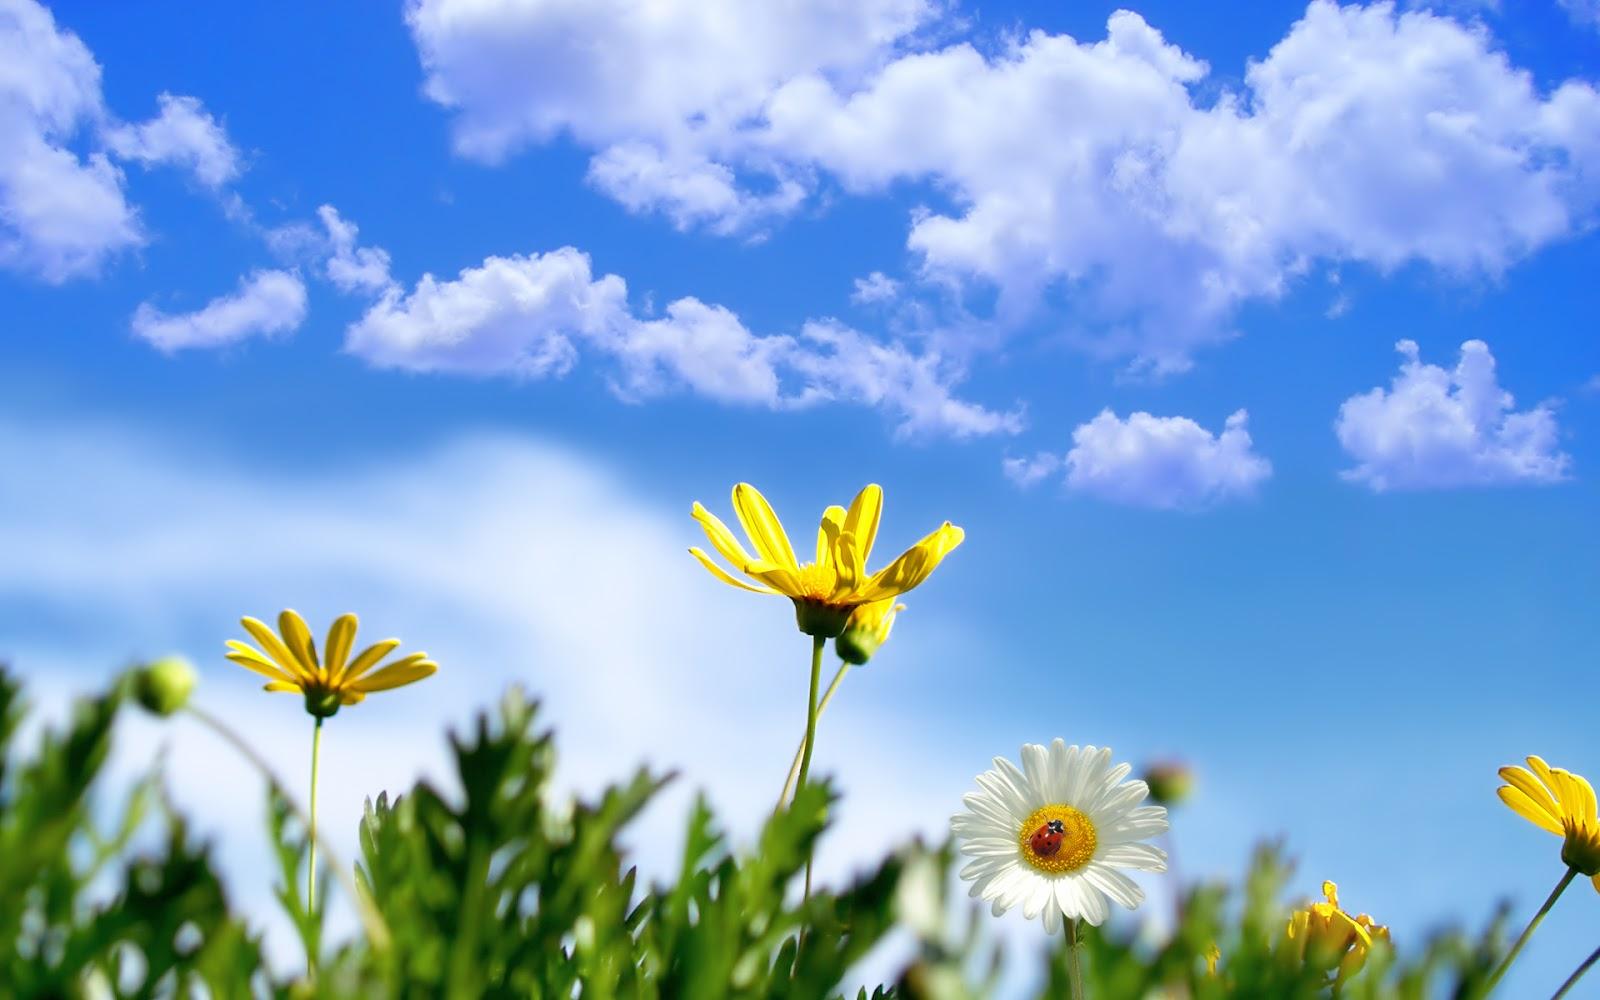 http://2.bp.blogspot.com/-q4PaCzECsJ4/UT9ReUMxFsI/AAAAAAAABzU/a4h6O-7C40Q/s1600/Spring-wallpapers-HD-desktop-background-free-flowers.jpg